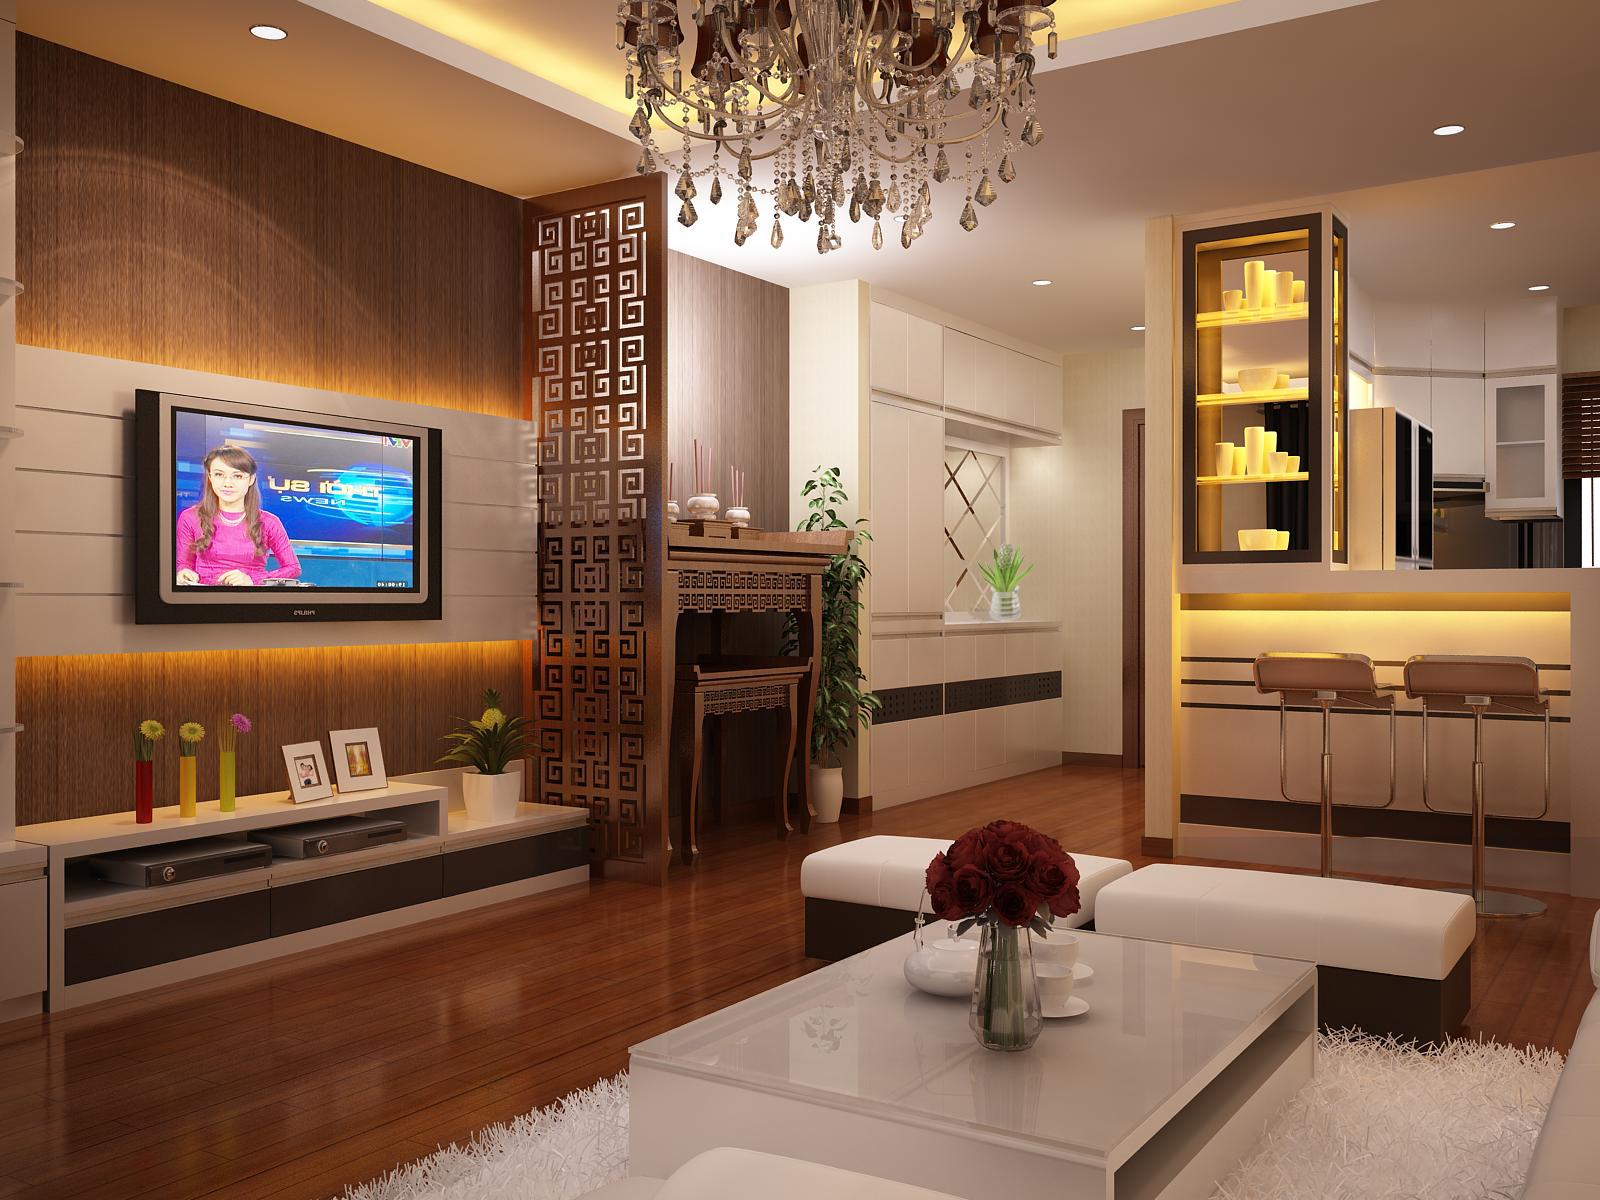 tư vấn thiết kế nội thất đẹp và hợp phong thủy